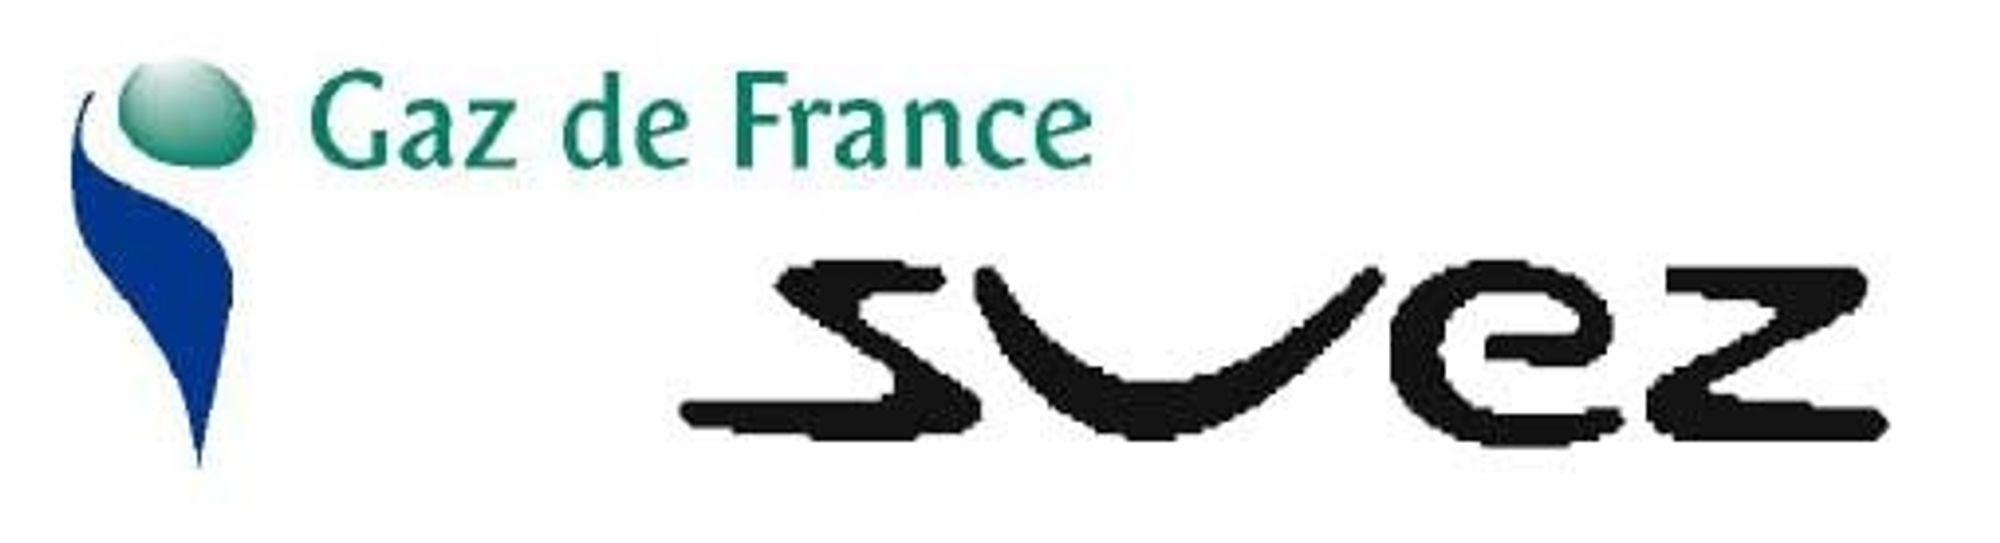 Stor fransk - belgisk gassfusjon